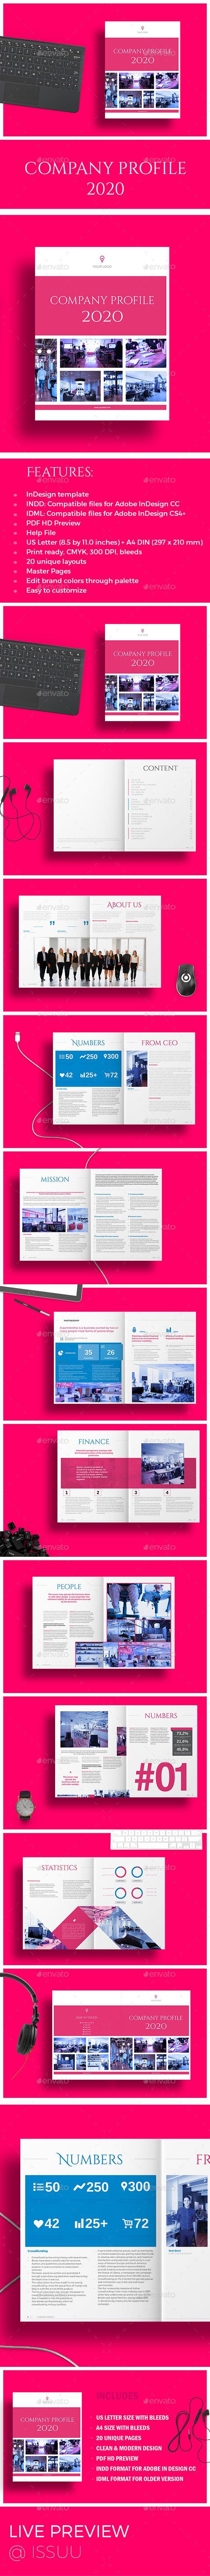 Company Profile 2020 | Publicitaria